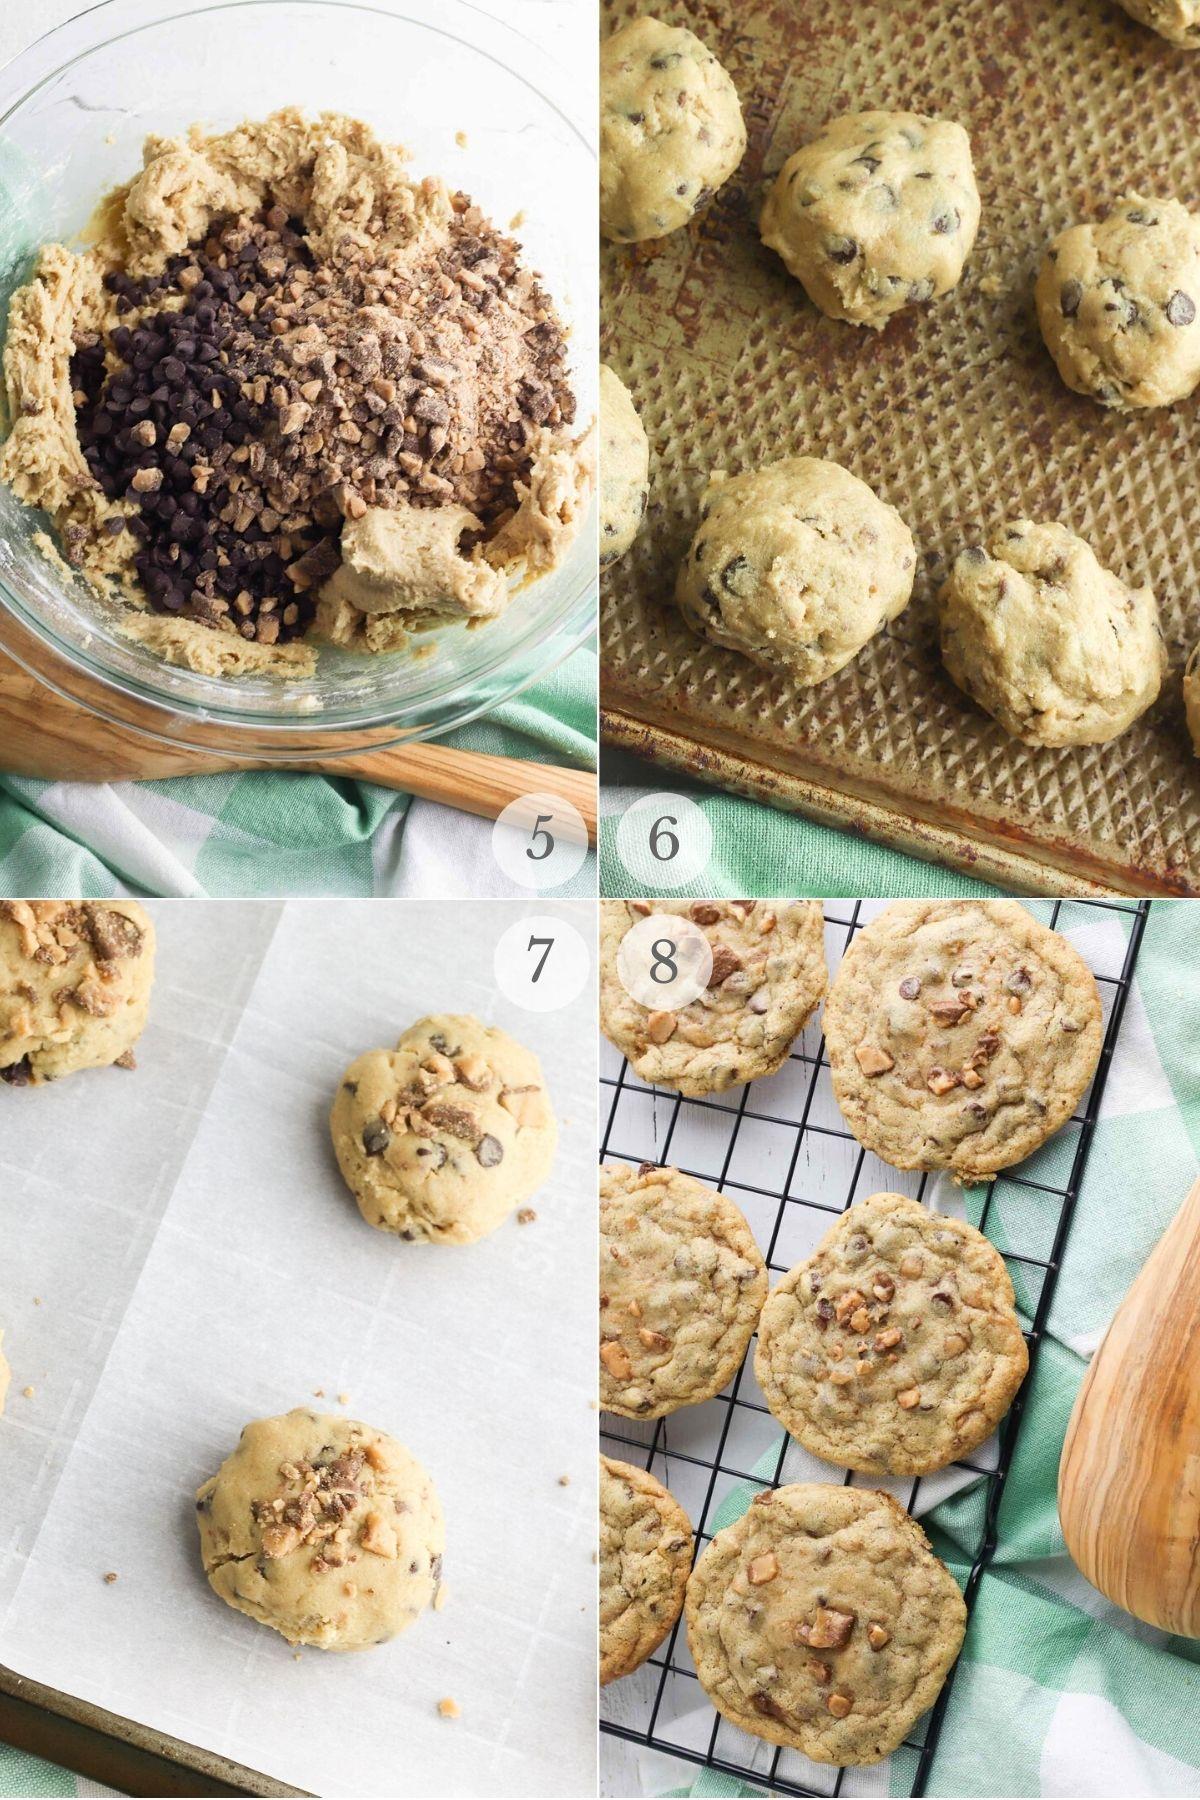 toffee cookies recipe steps 5-8